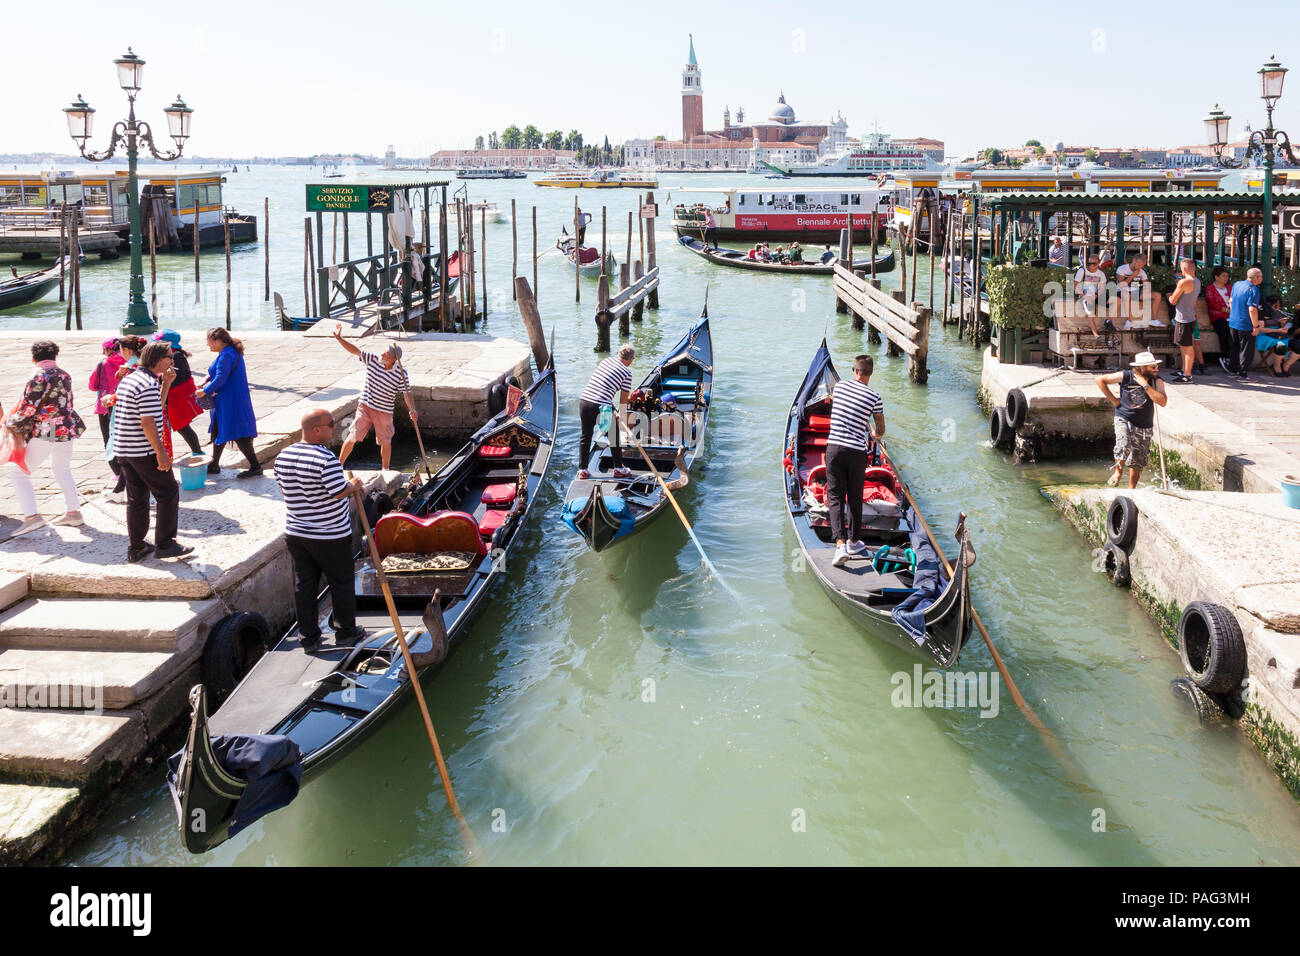 Gondoliers, gondolas offloading passengers, Riva degli Schiavonni, Castello, Venice, Veneto, Italy in Rio del Vin, San Giorgio Maggiore and lagoon beh - Stock Image